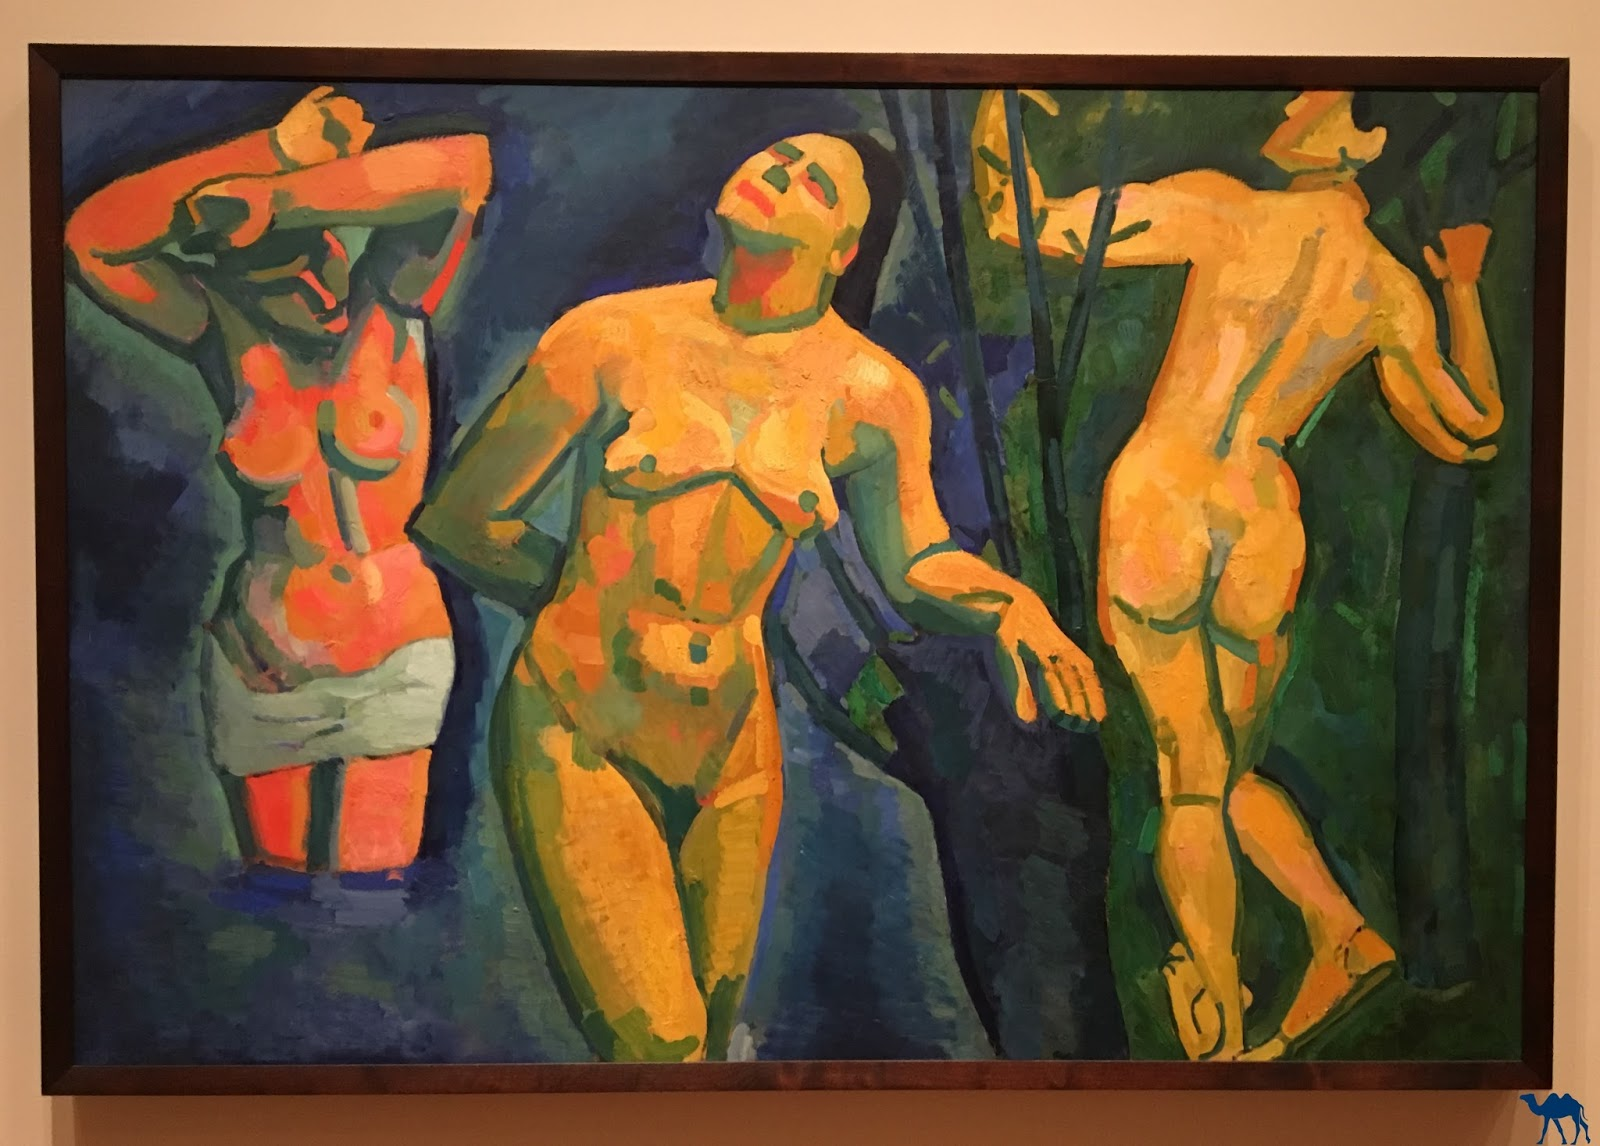 Le Chameau Bleu - Tourisme New York - Oeuvre  du MoMa- Visite du musée